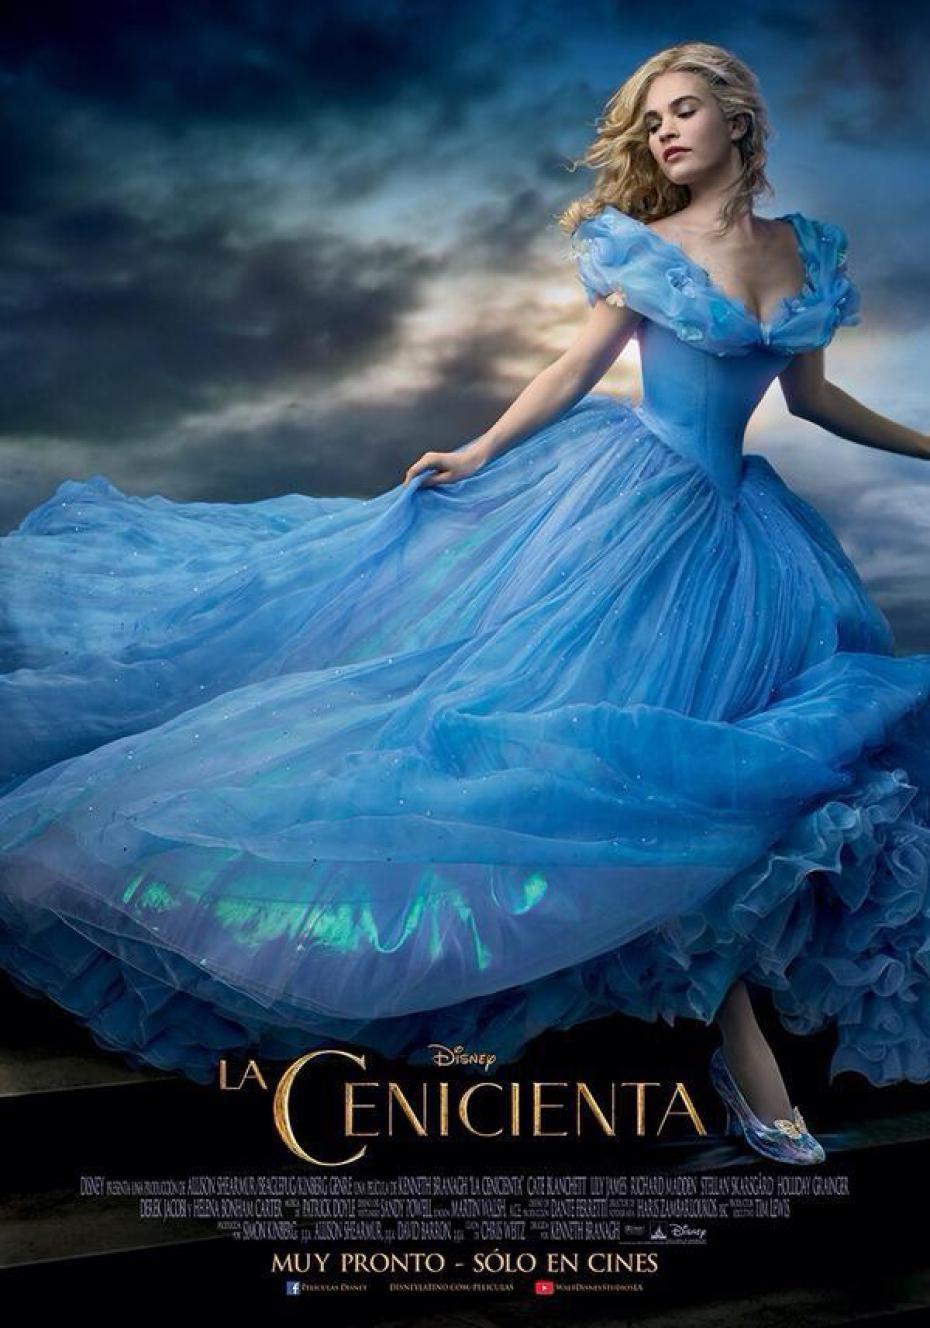 Ver Cenicienta 2015 Online Espanol Latino Y Subtitulada Hd Yaske